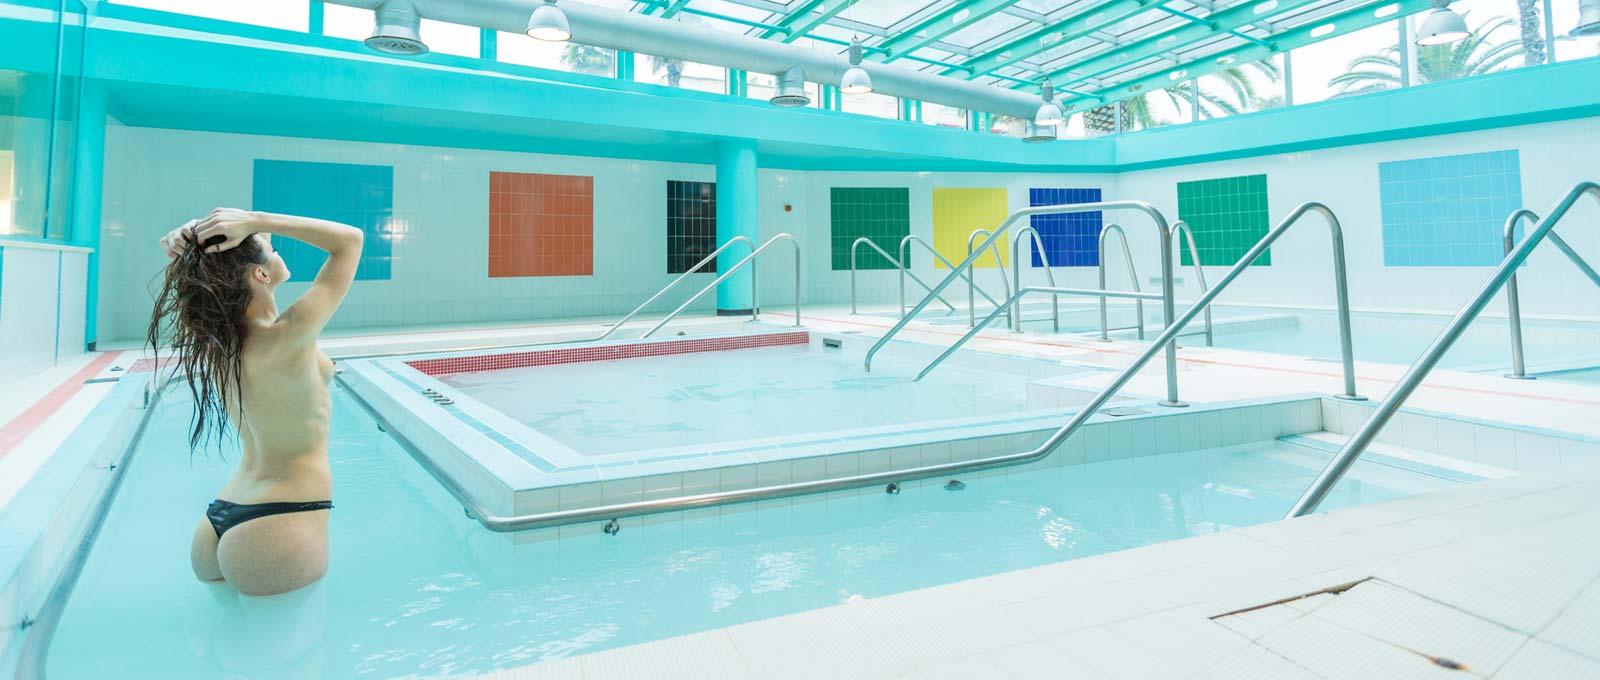 Hotel con centro benessere termale nel lazio vicino roma - Suio terme piscine ...